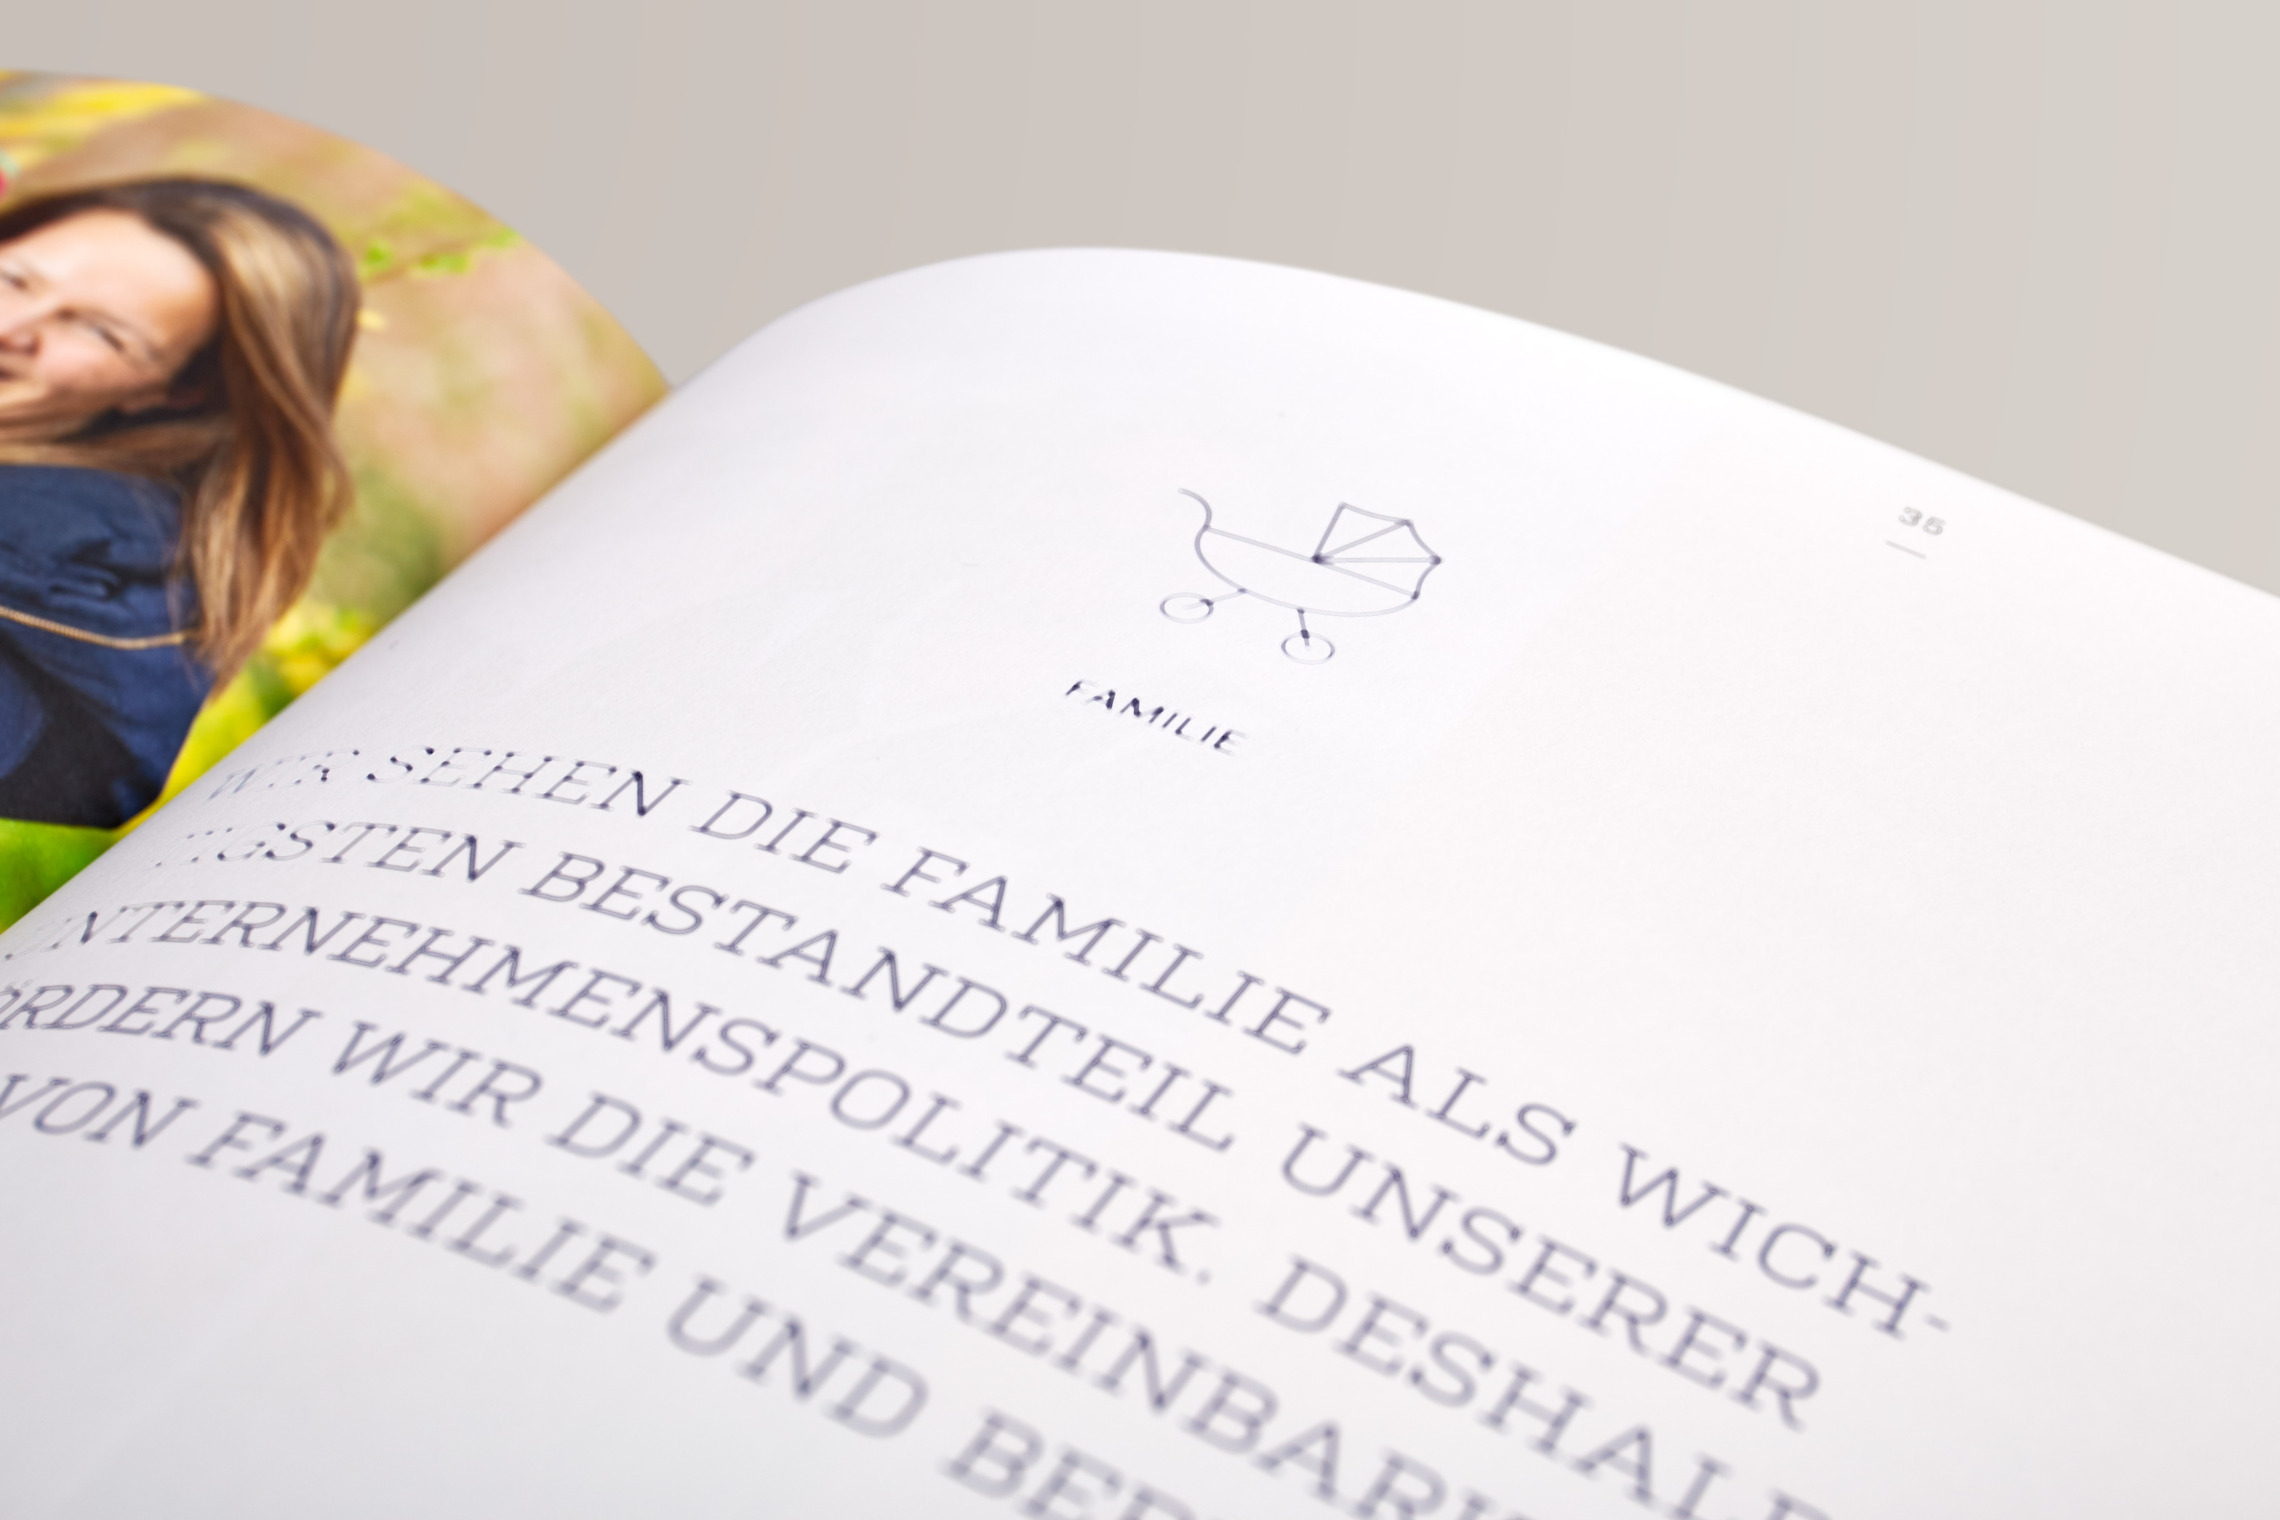 Im Designkonzept wurden die Hausschriften festgelegt, die allen Malring Medien ihr unverwechselbares Erscheinungsbild geben.